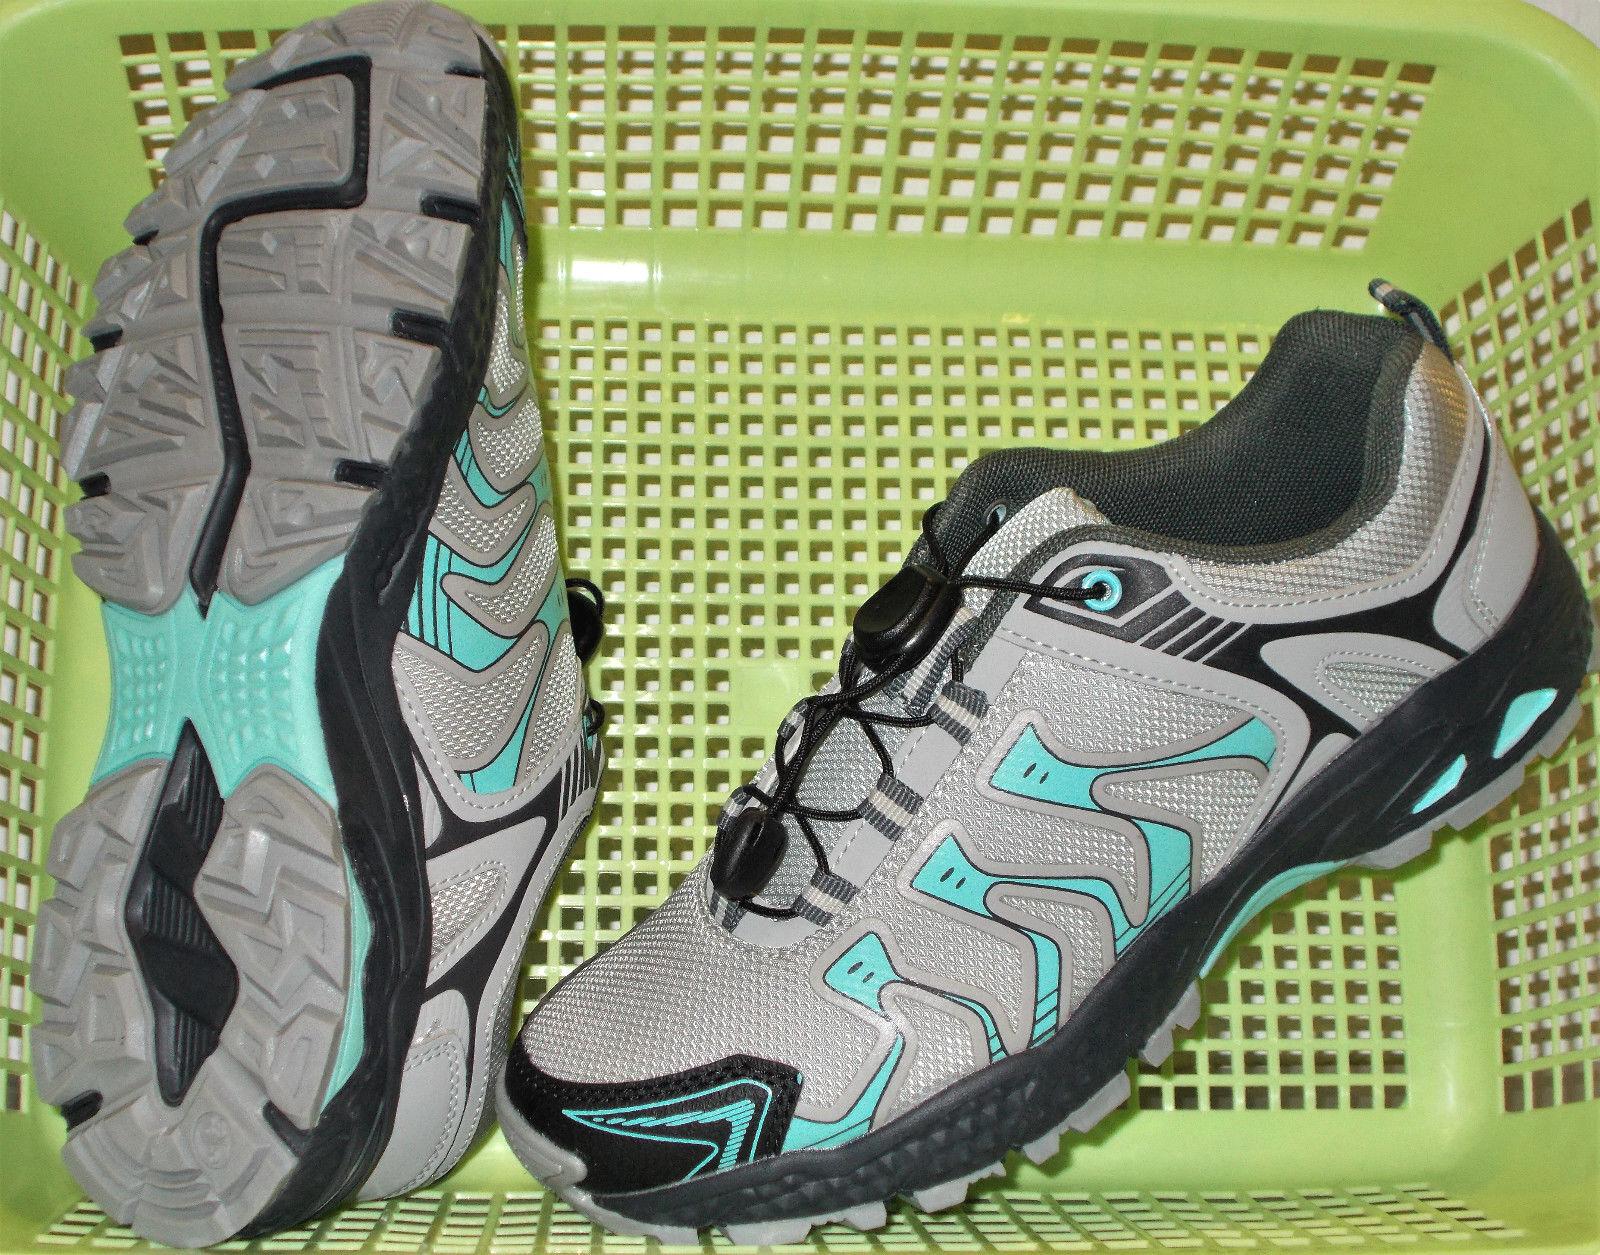 Damen LAUFSCHUHE Walkingschuhe Sportschuhe Fitnessschuhe Gr.39 grau/mint NEU